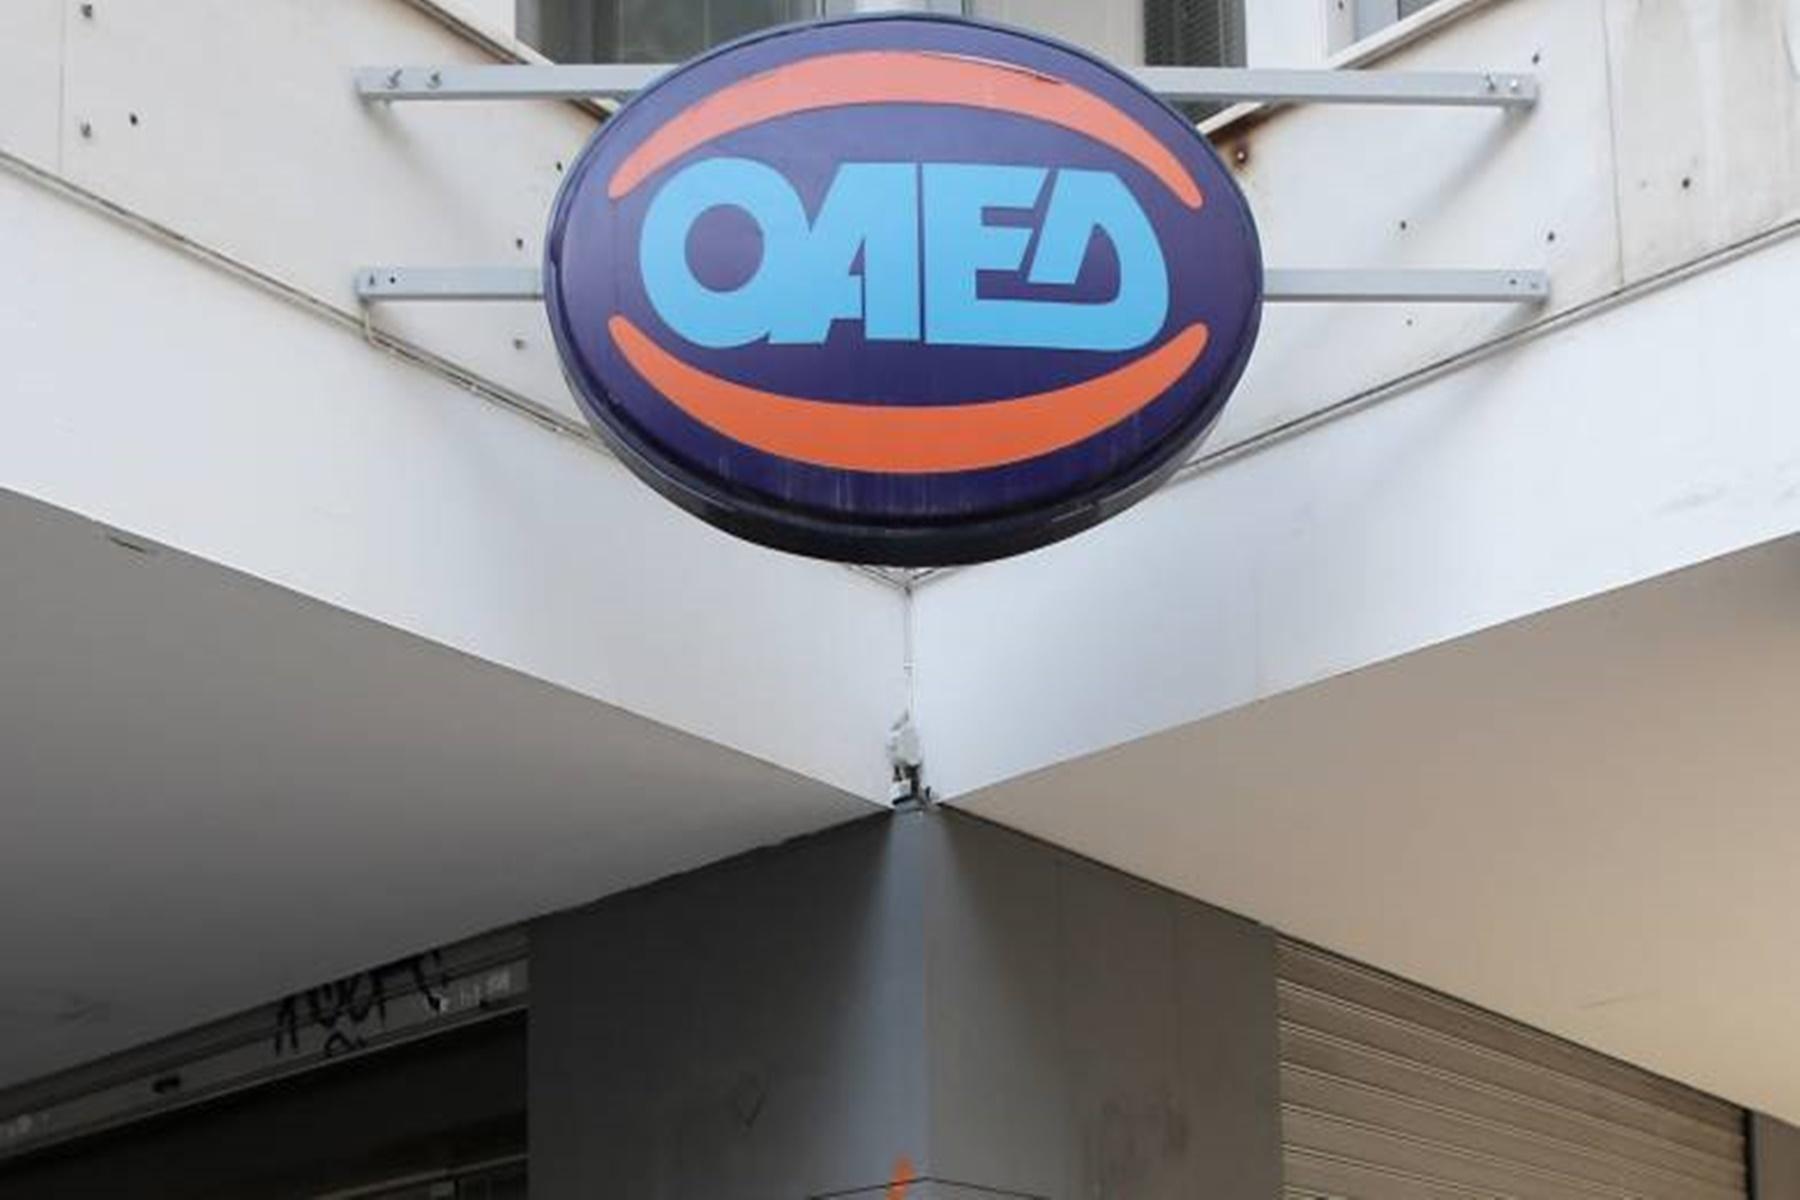 ΟΑΕΔ : Διευρύνεται το χρονικό όριο της κάρτας ανεργίας